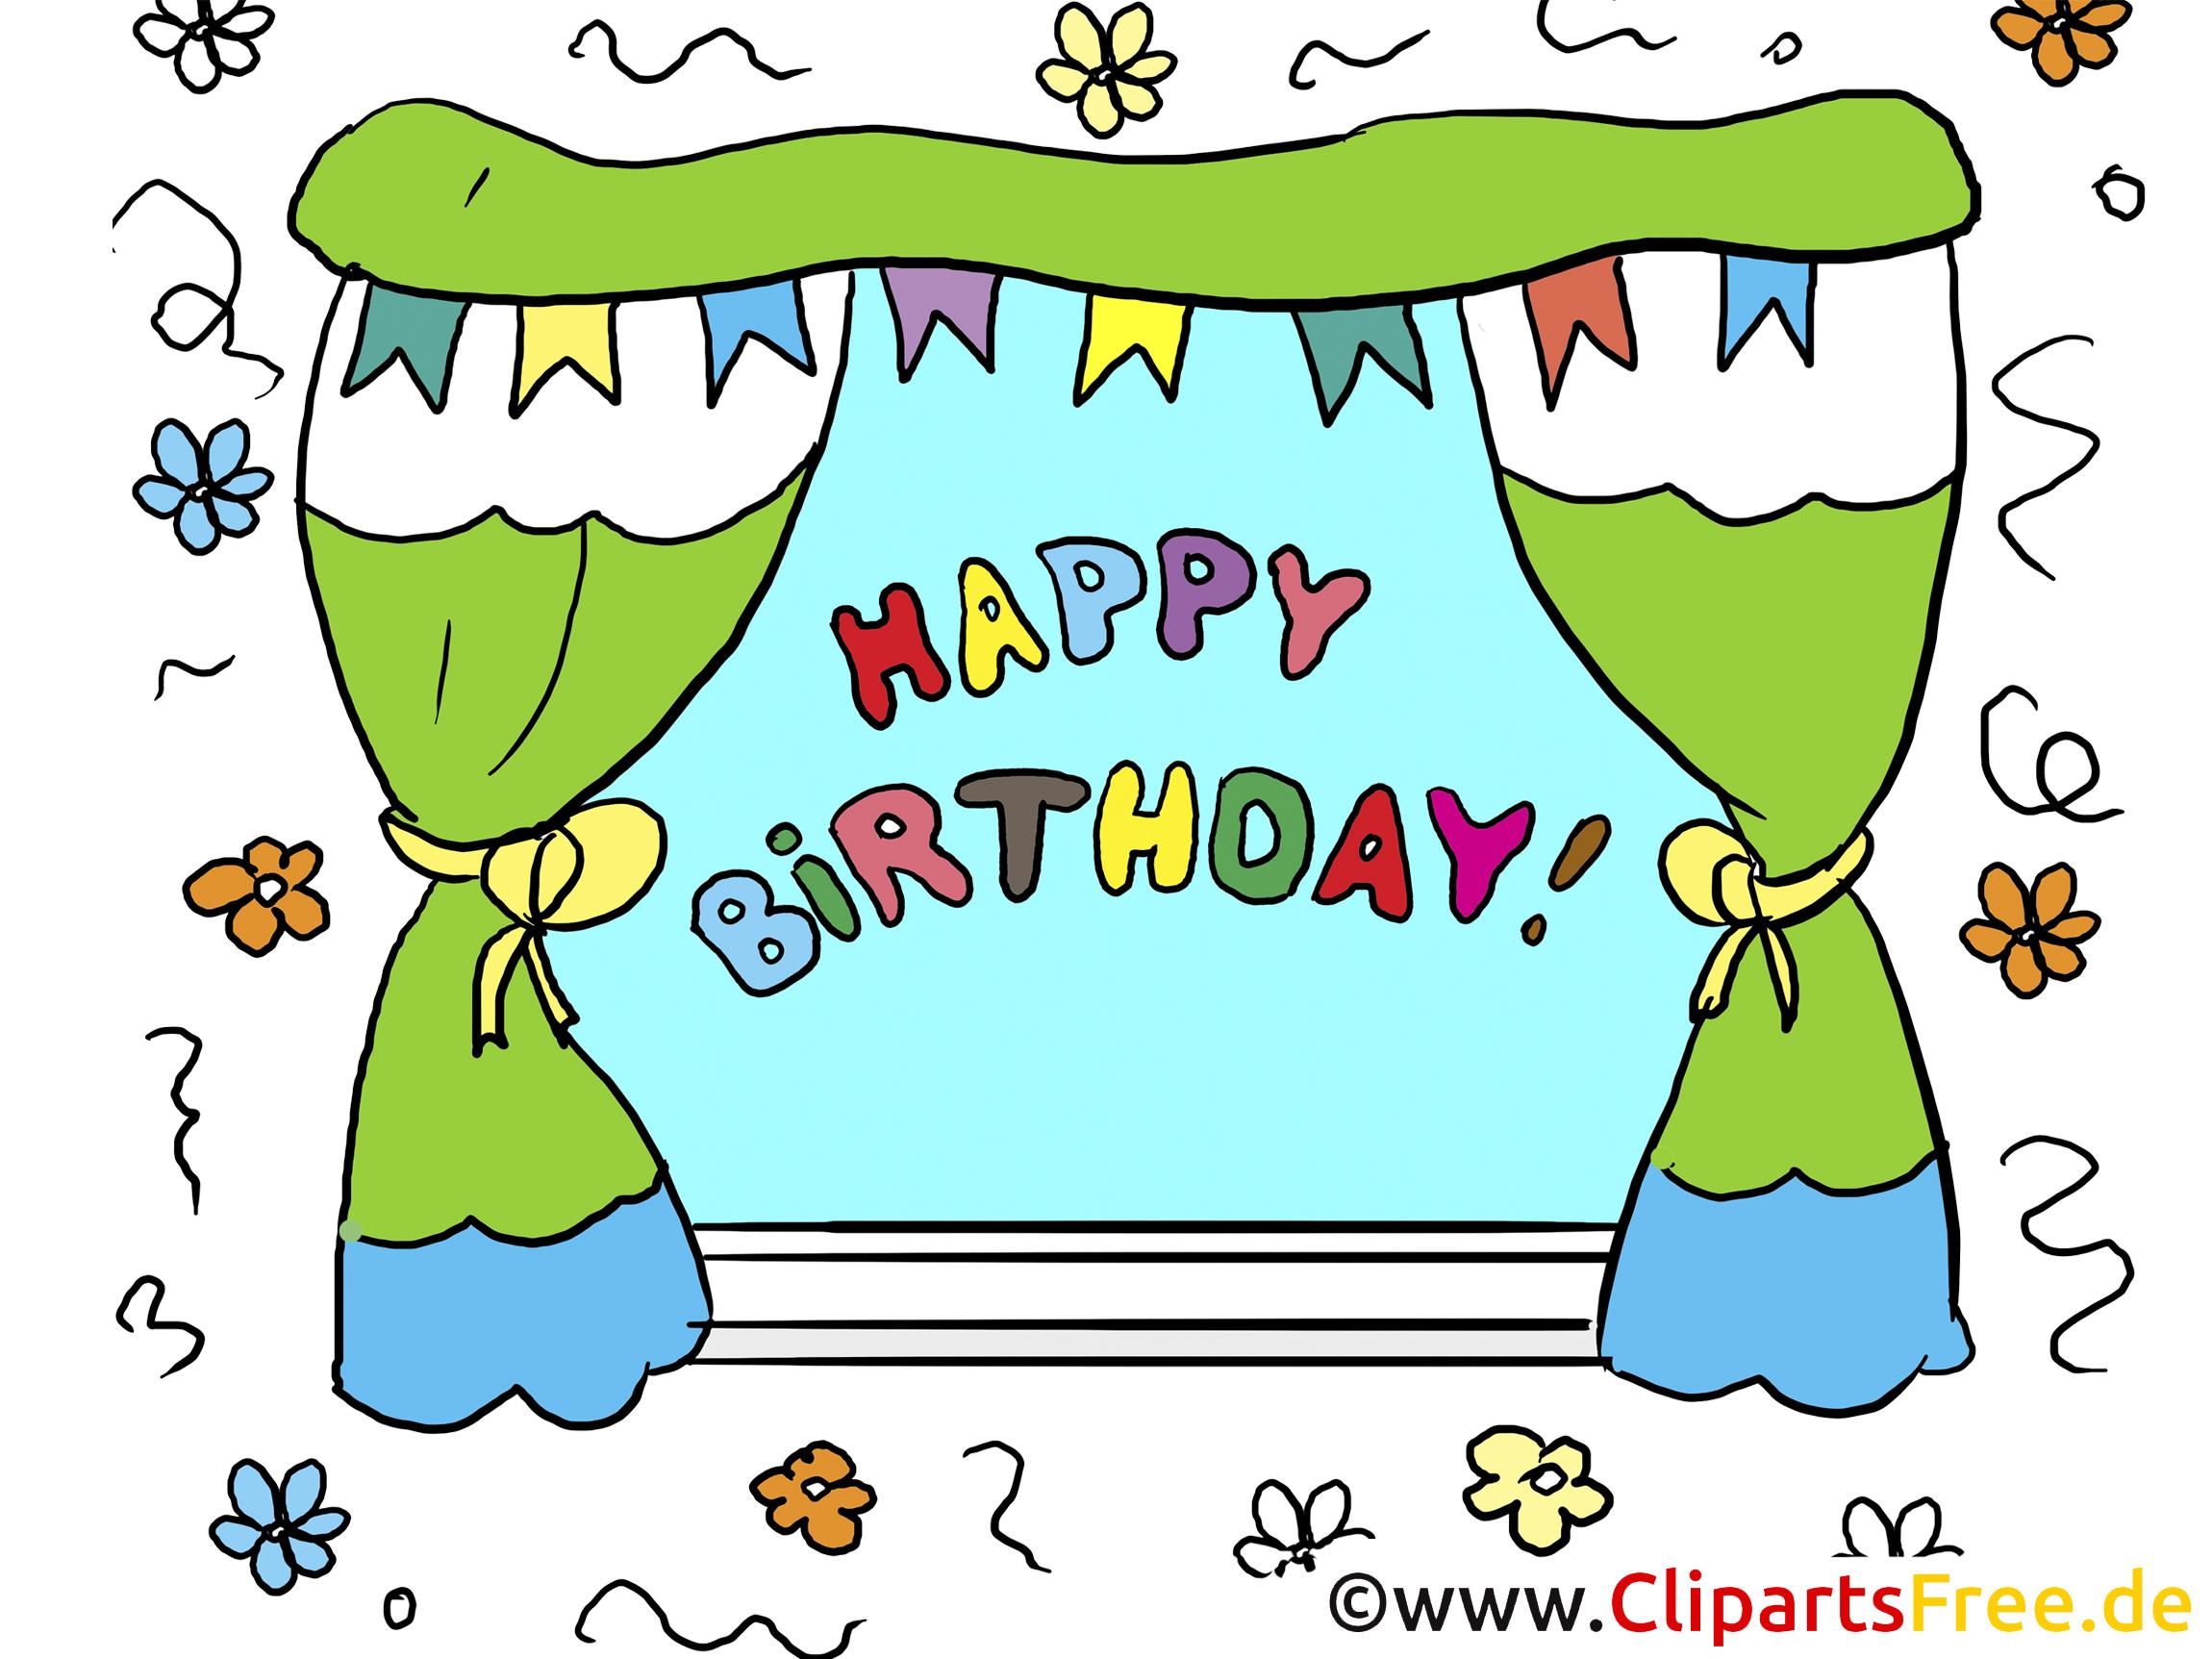 Clipart Happy Birthday Text im Fenster